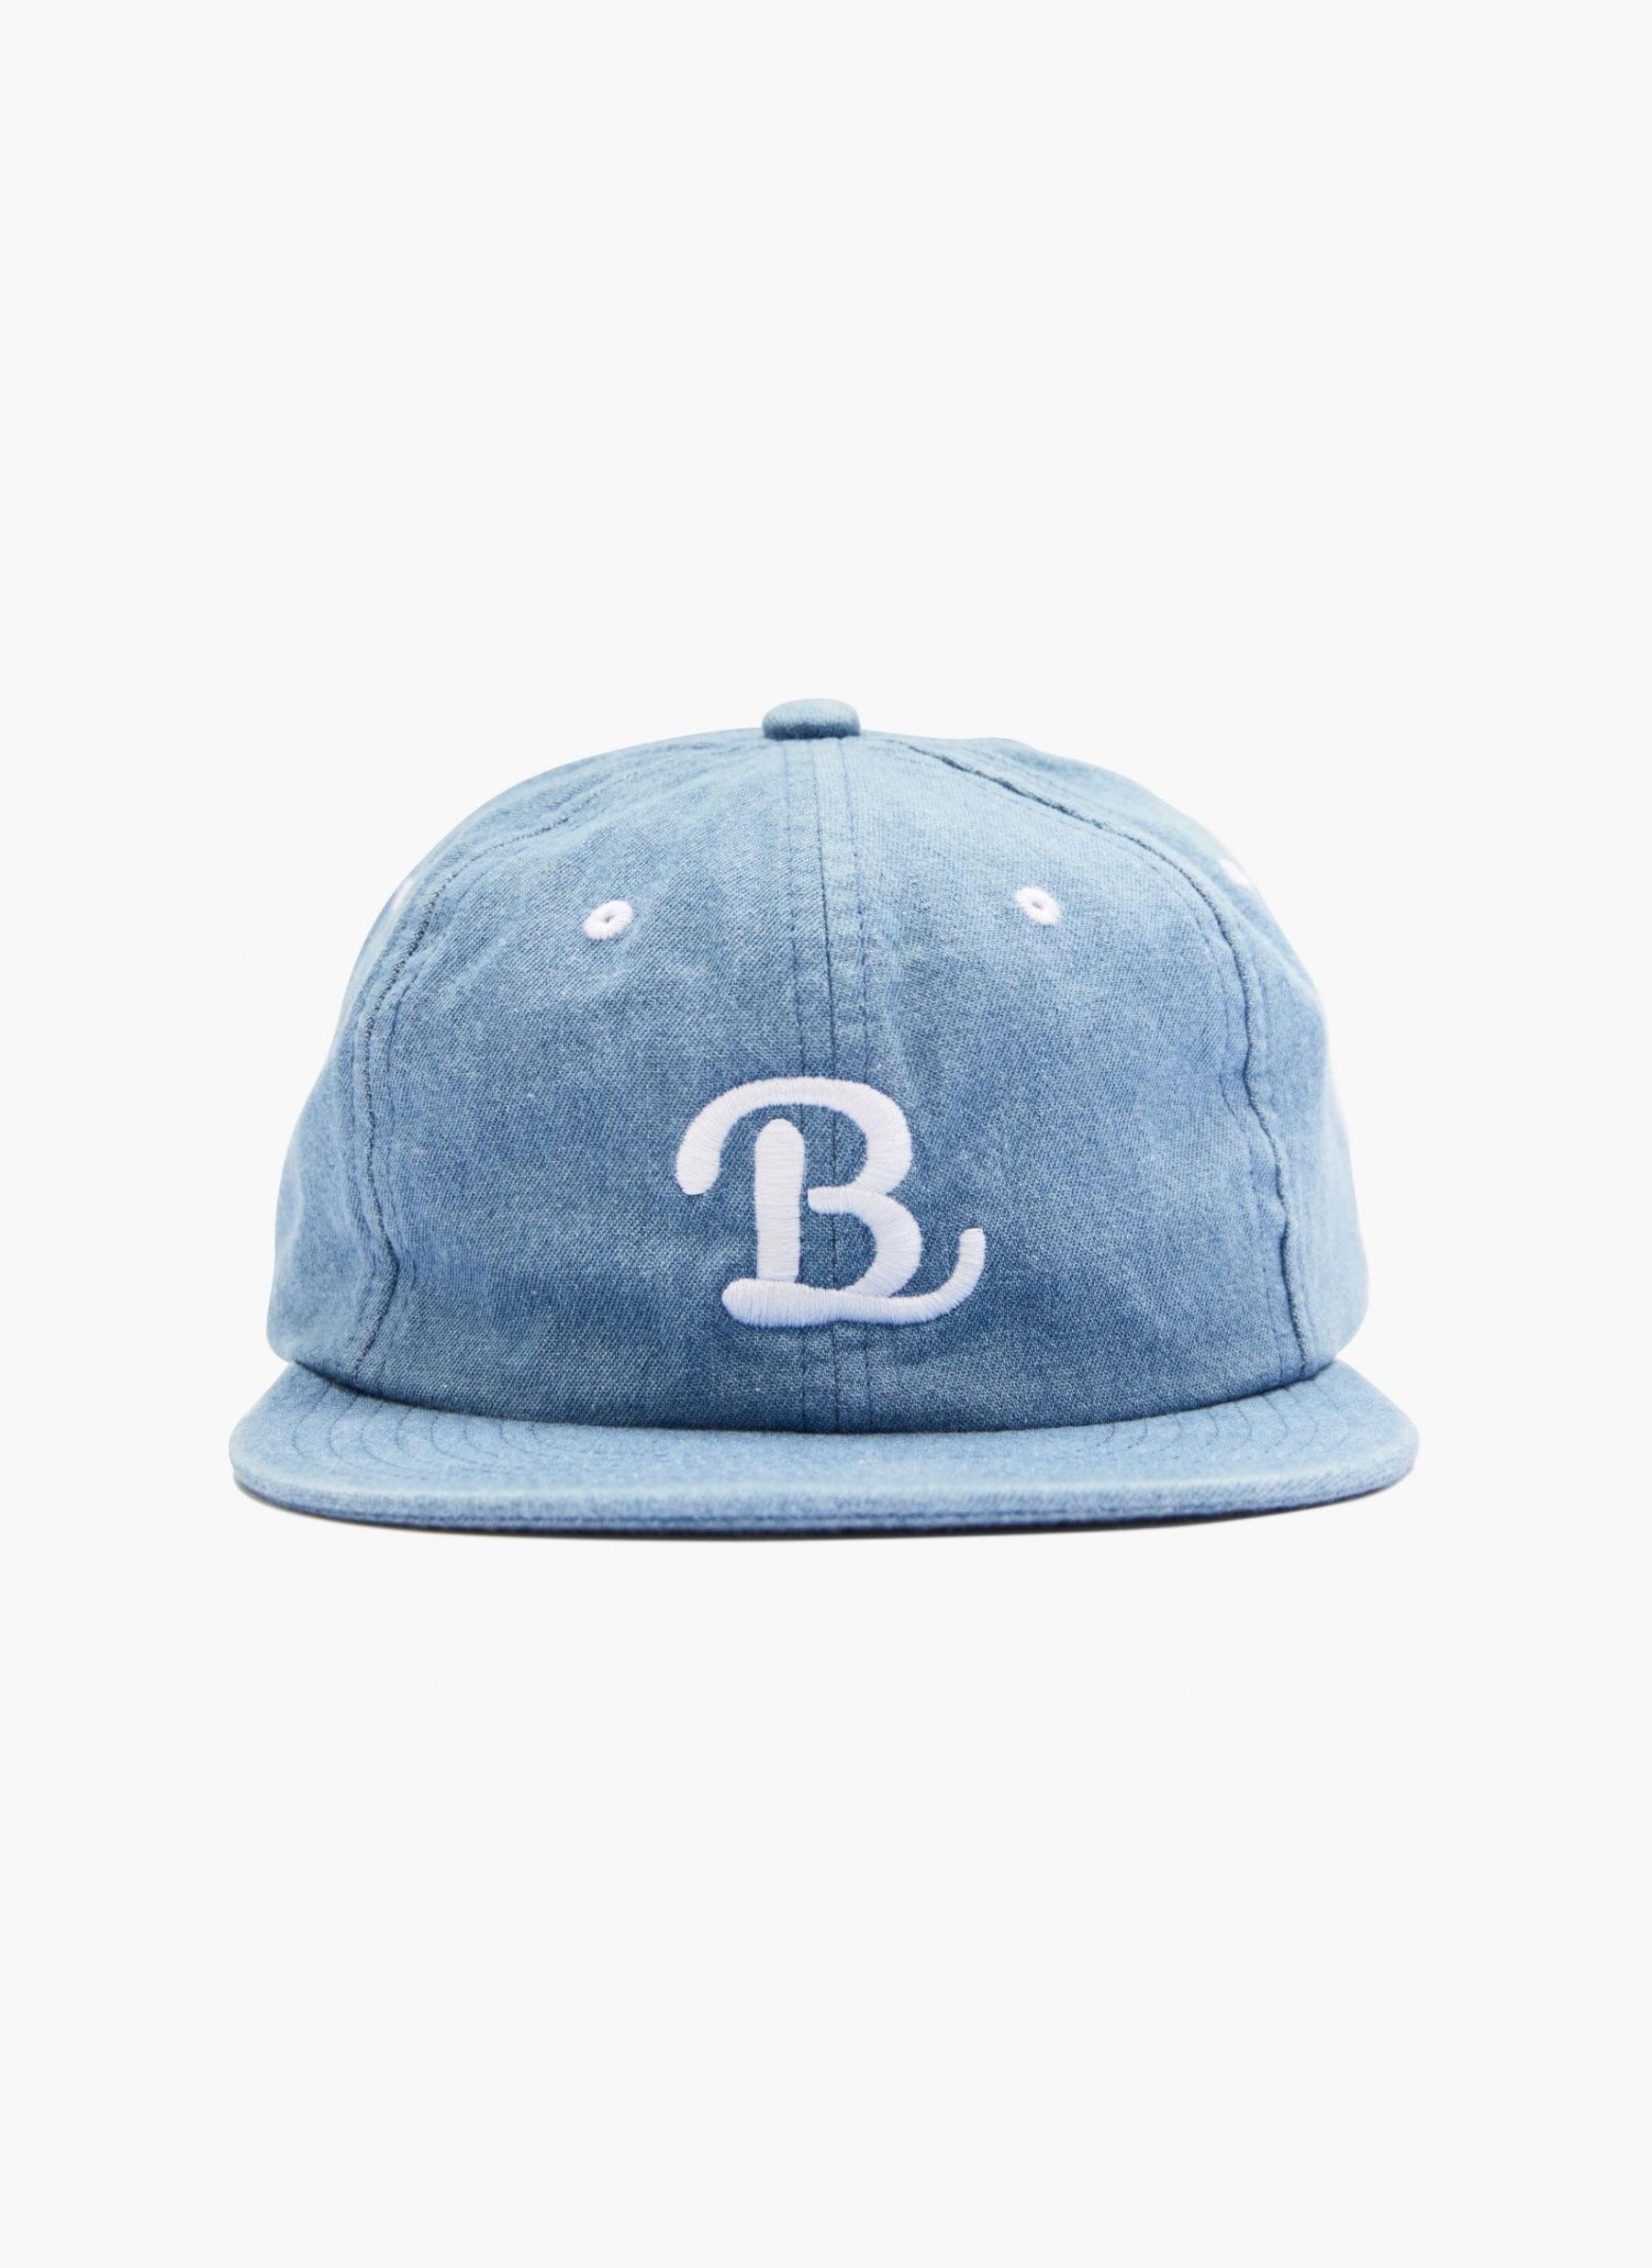 barney cools cap